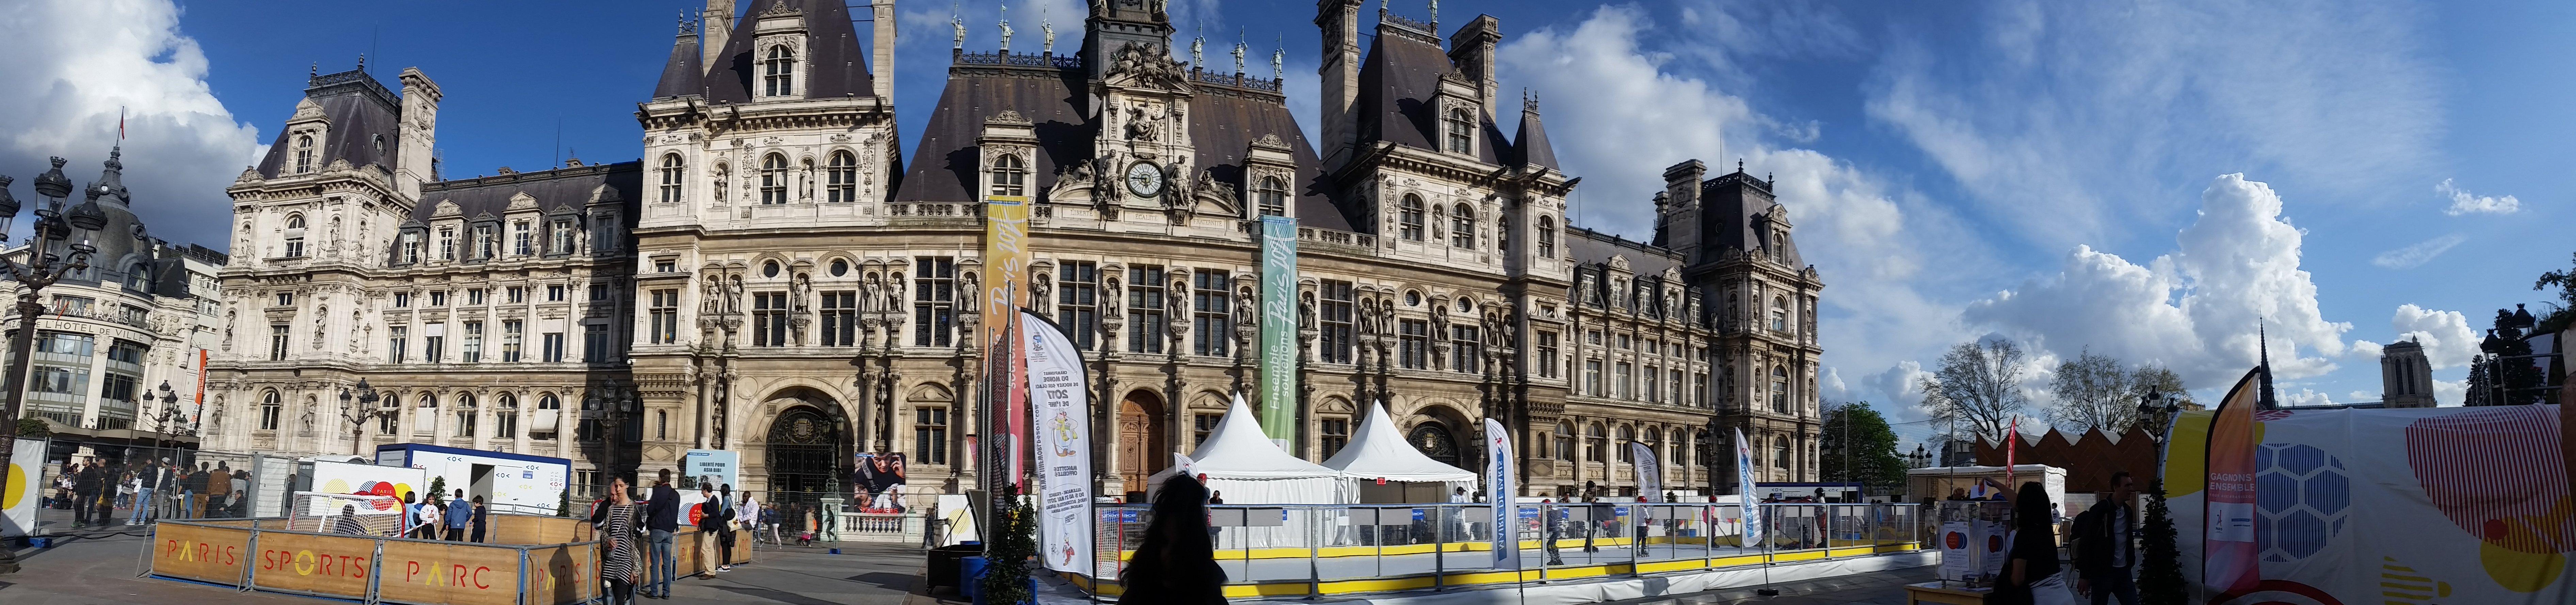 Paris Hockey Tour - Place de l'Hôtel-de-Ville